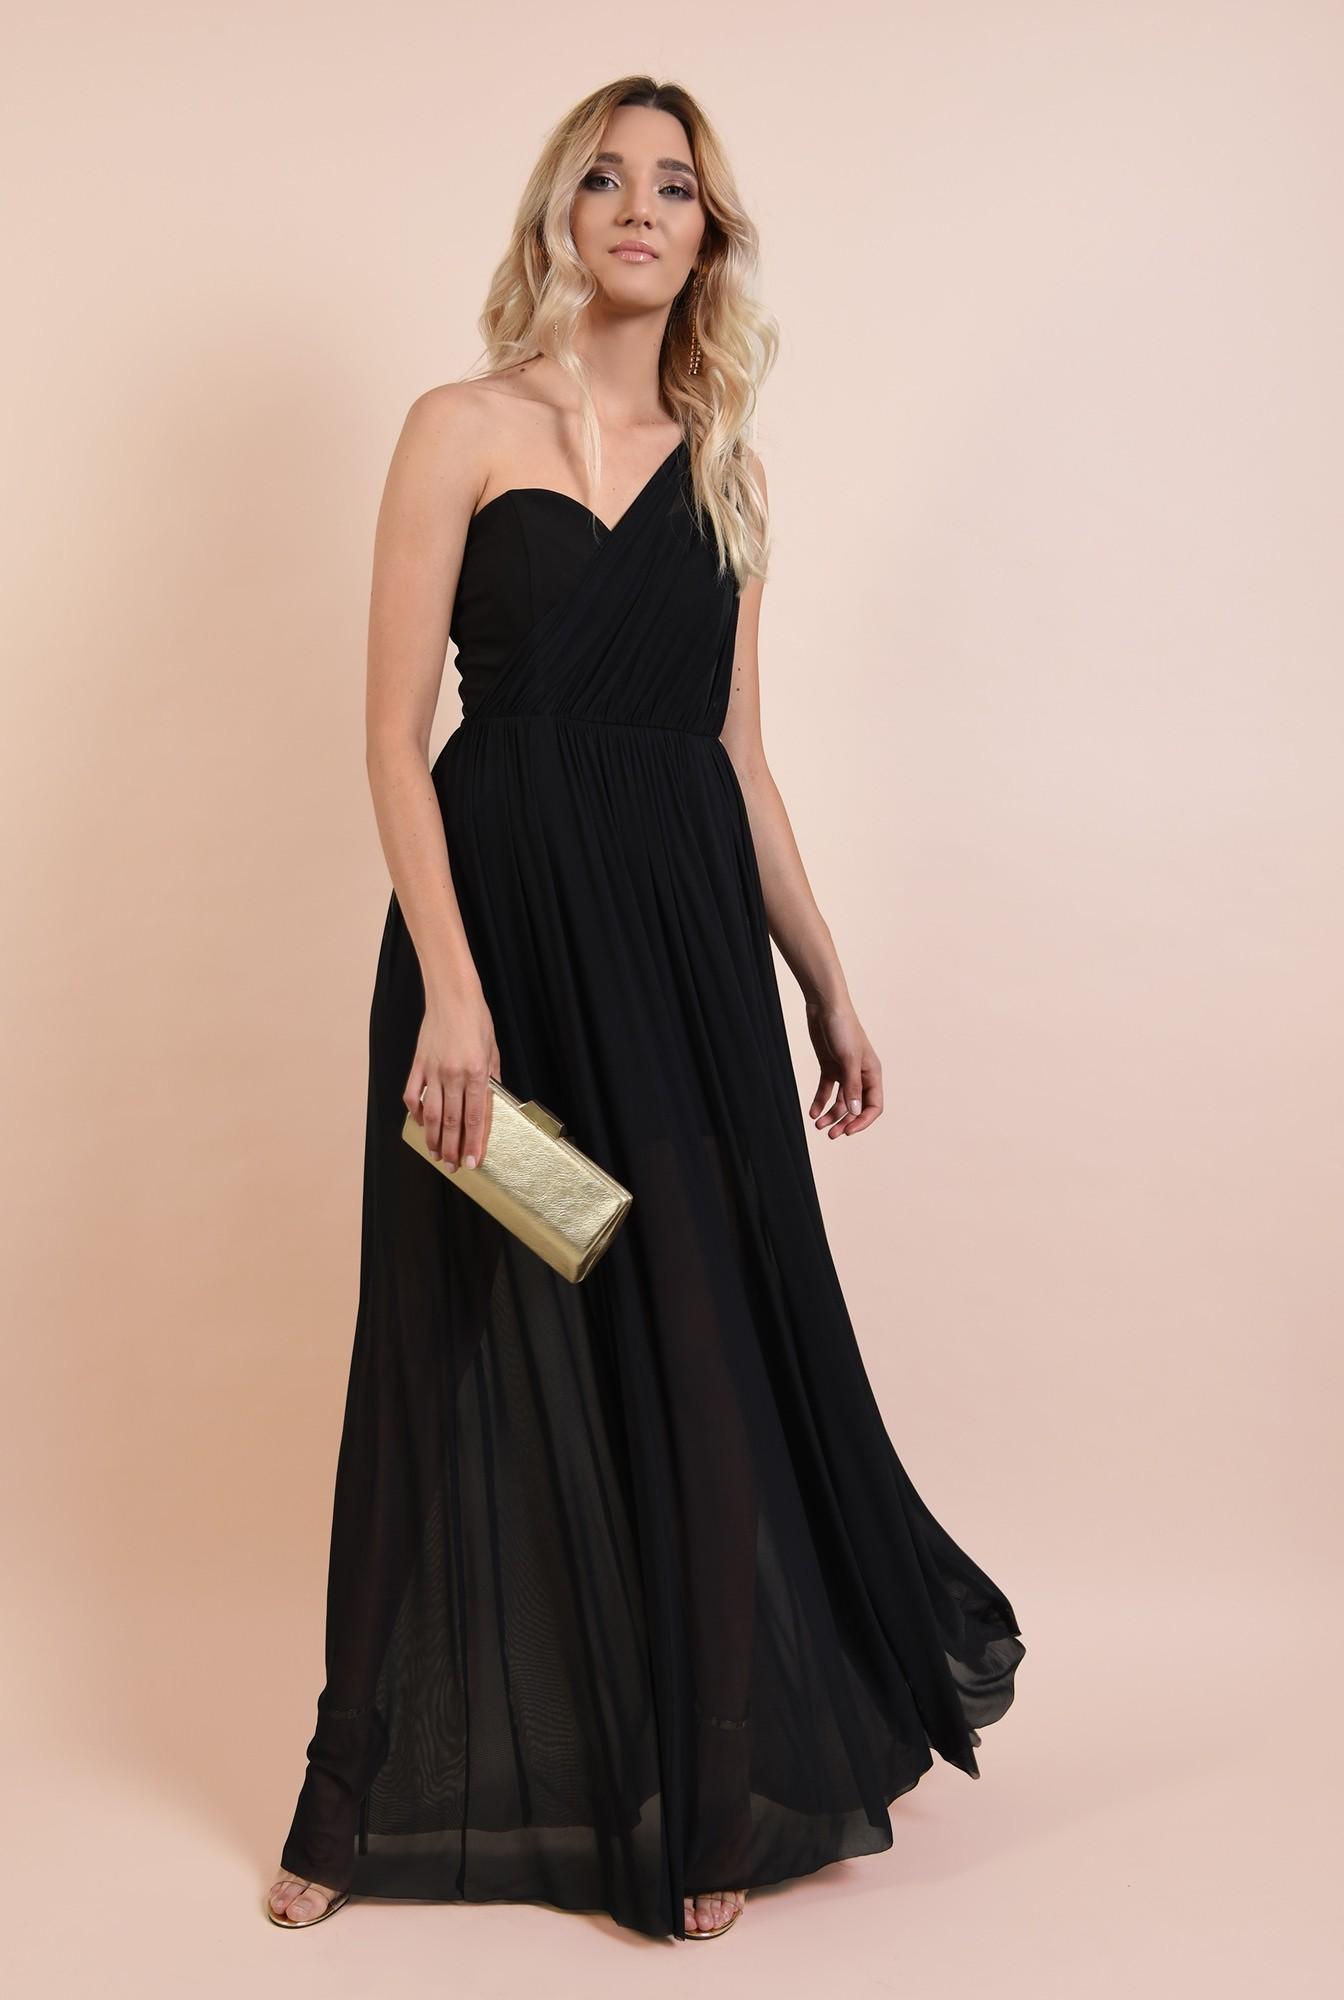 0 - rochie eleganta, decolteu inima, croi evazat, fusta transparenta